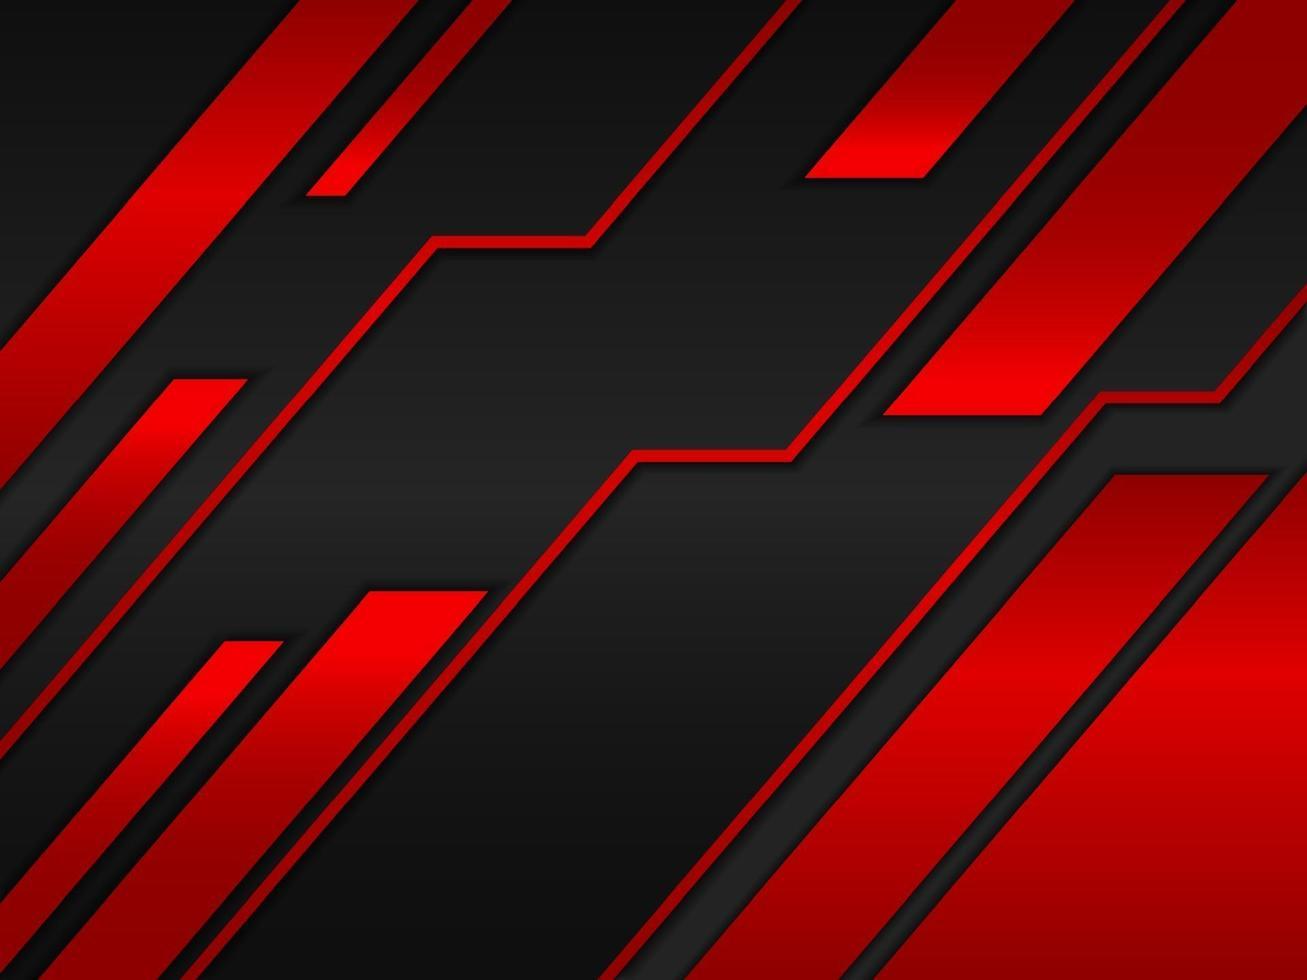 fundo abstrato com design de conceito de metal preto e vermelho vetor